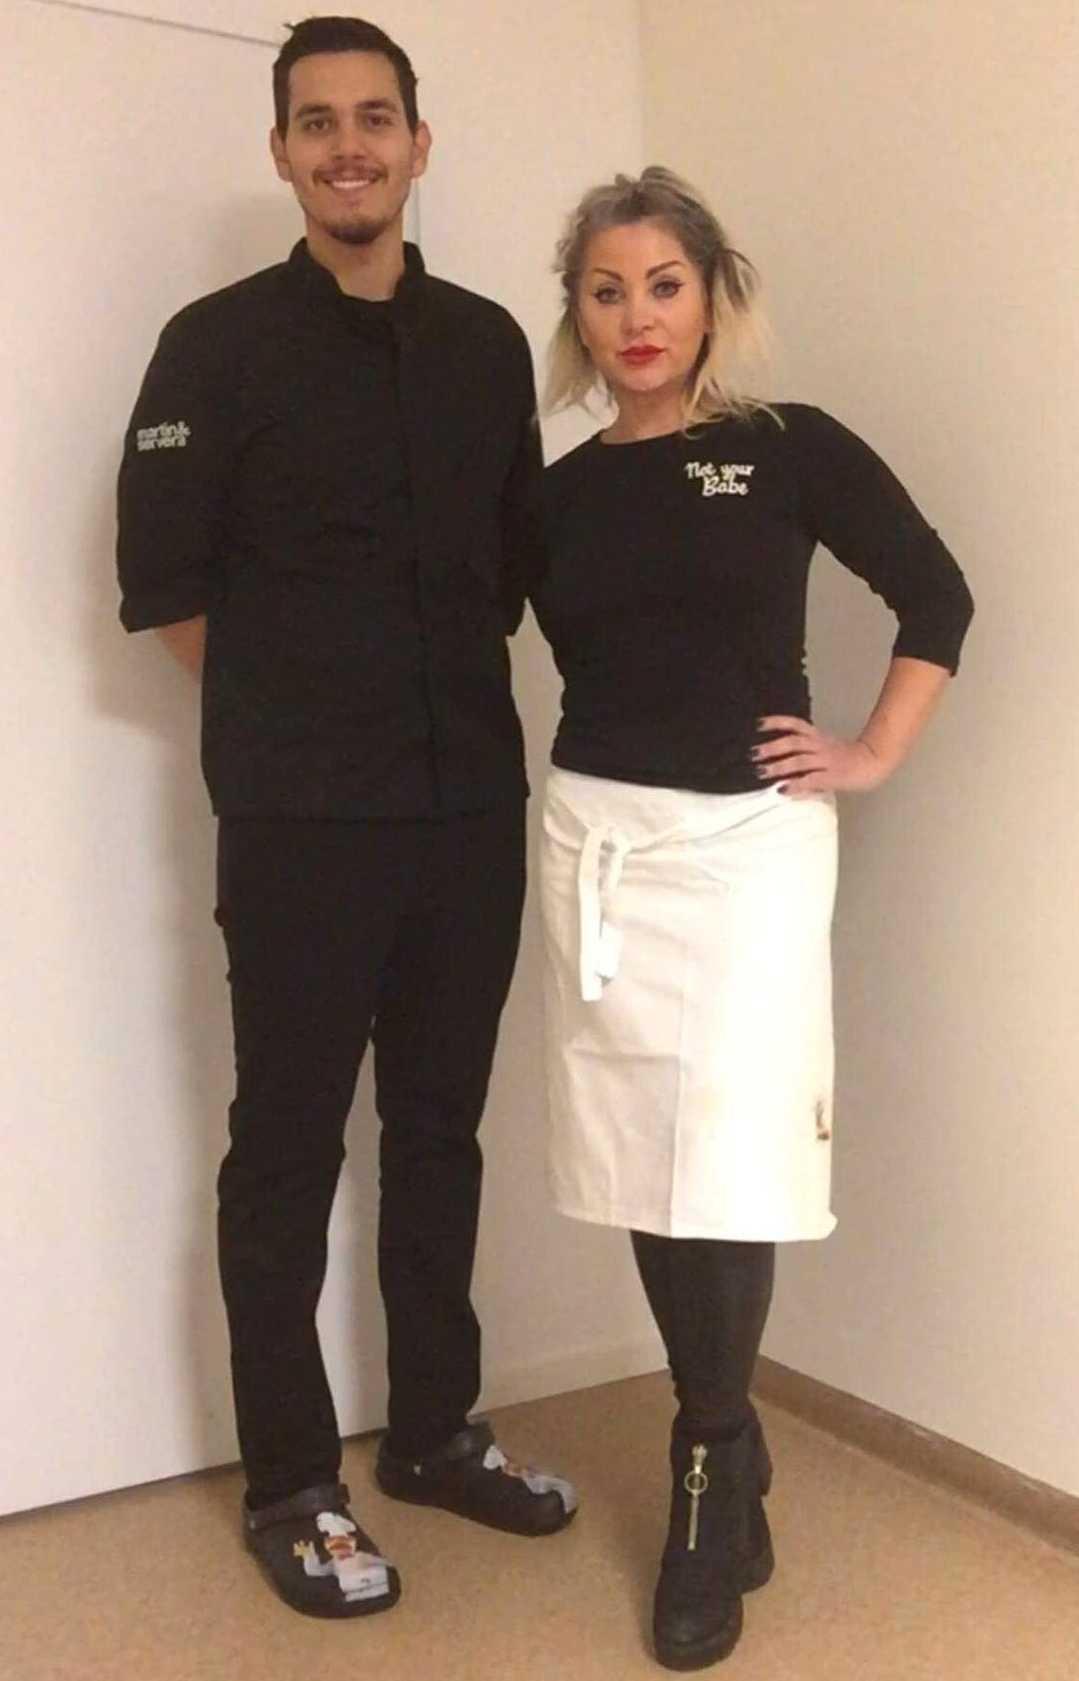 Restaurangens delägare Carlos Ochoa, 32, och vd:n Claudia Gratwohl, 50, hoppas att fler företag ansluter.